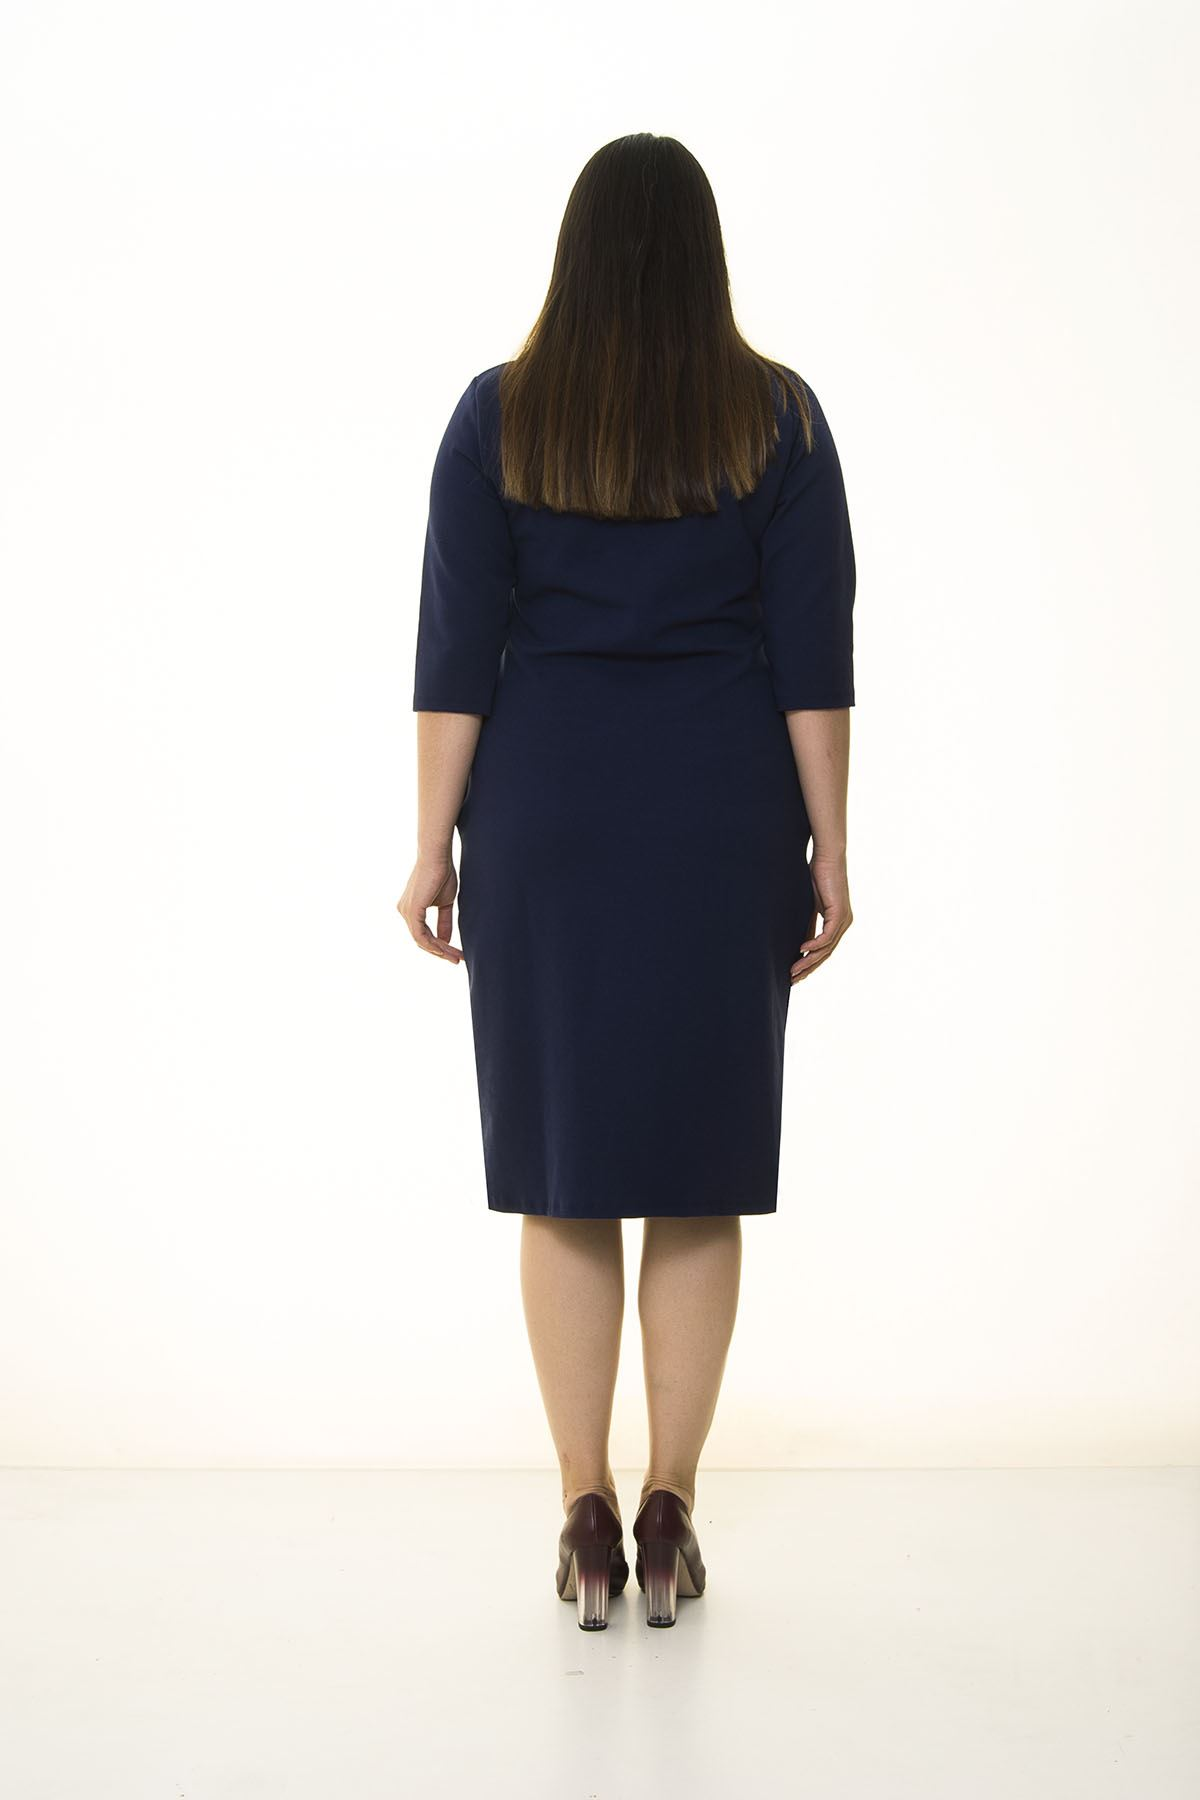 Cepli Lacivert Esnek Büyük Beden Elbise 34F-1407